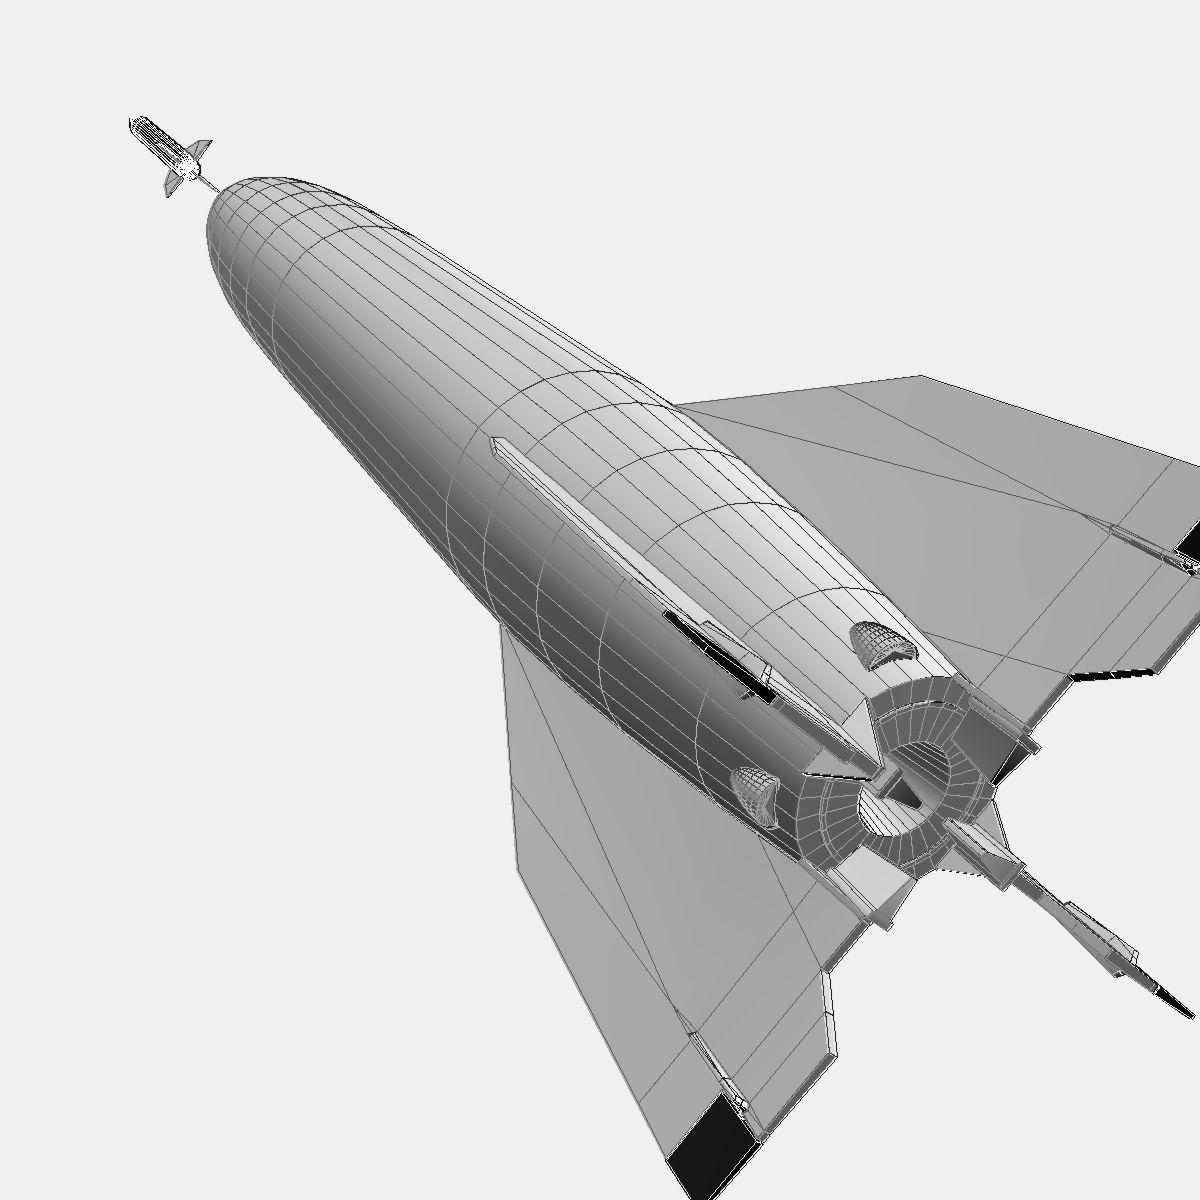 Bumper WAC - Two Stage Sounding Rocket 3d model 3ds dxf cob X obj 162869